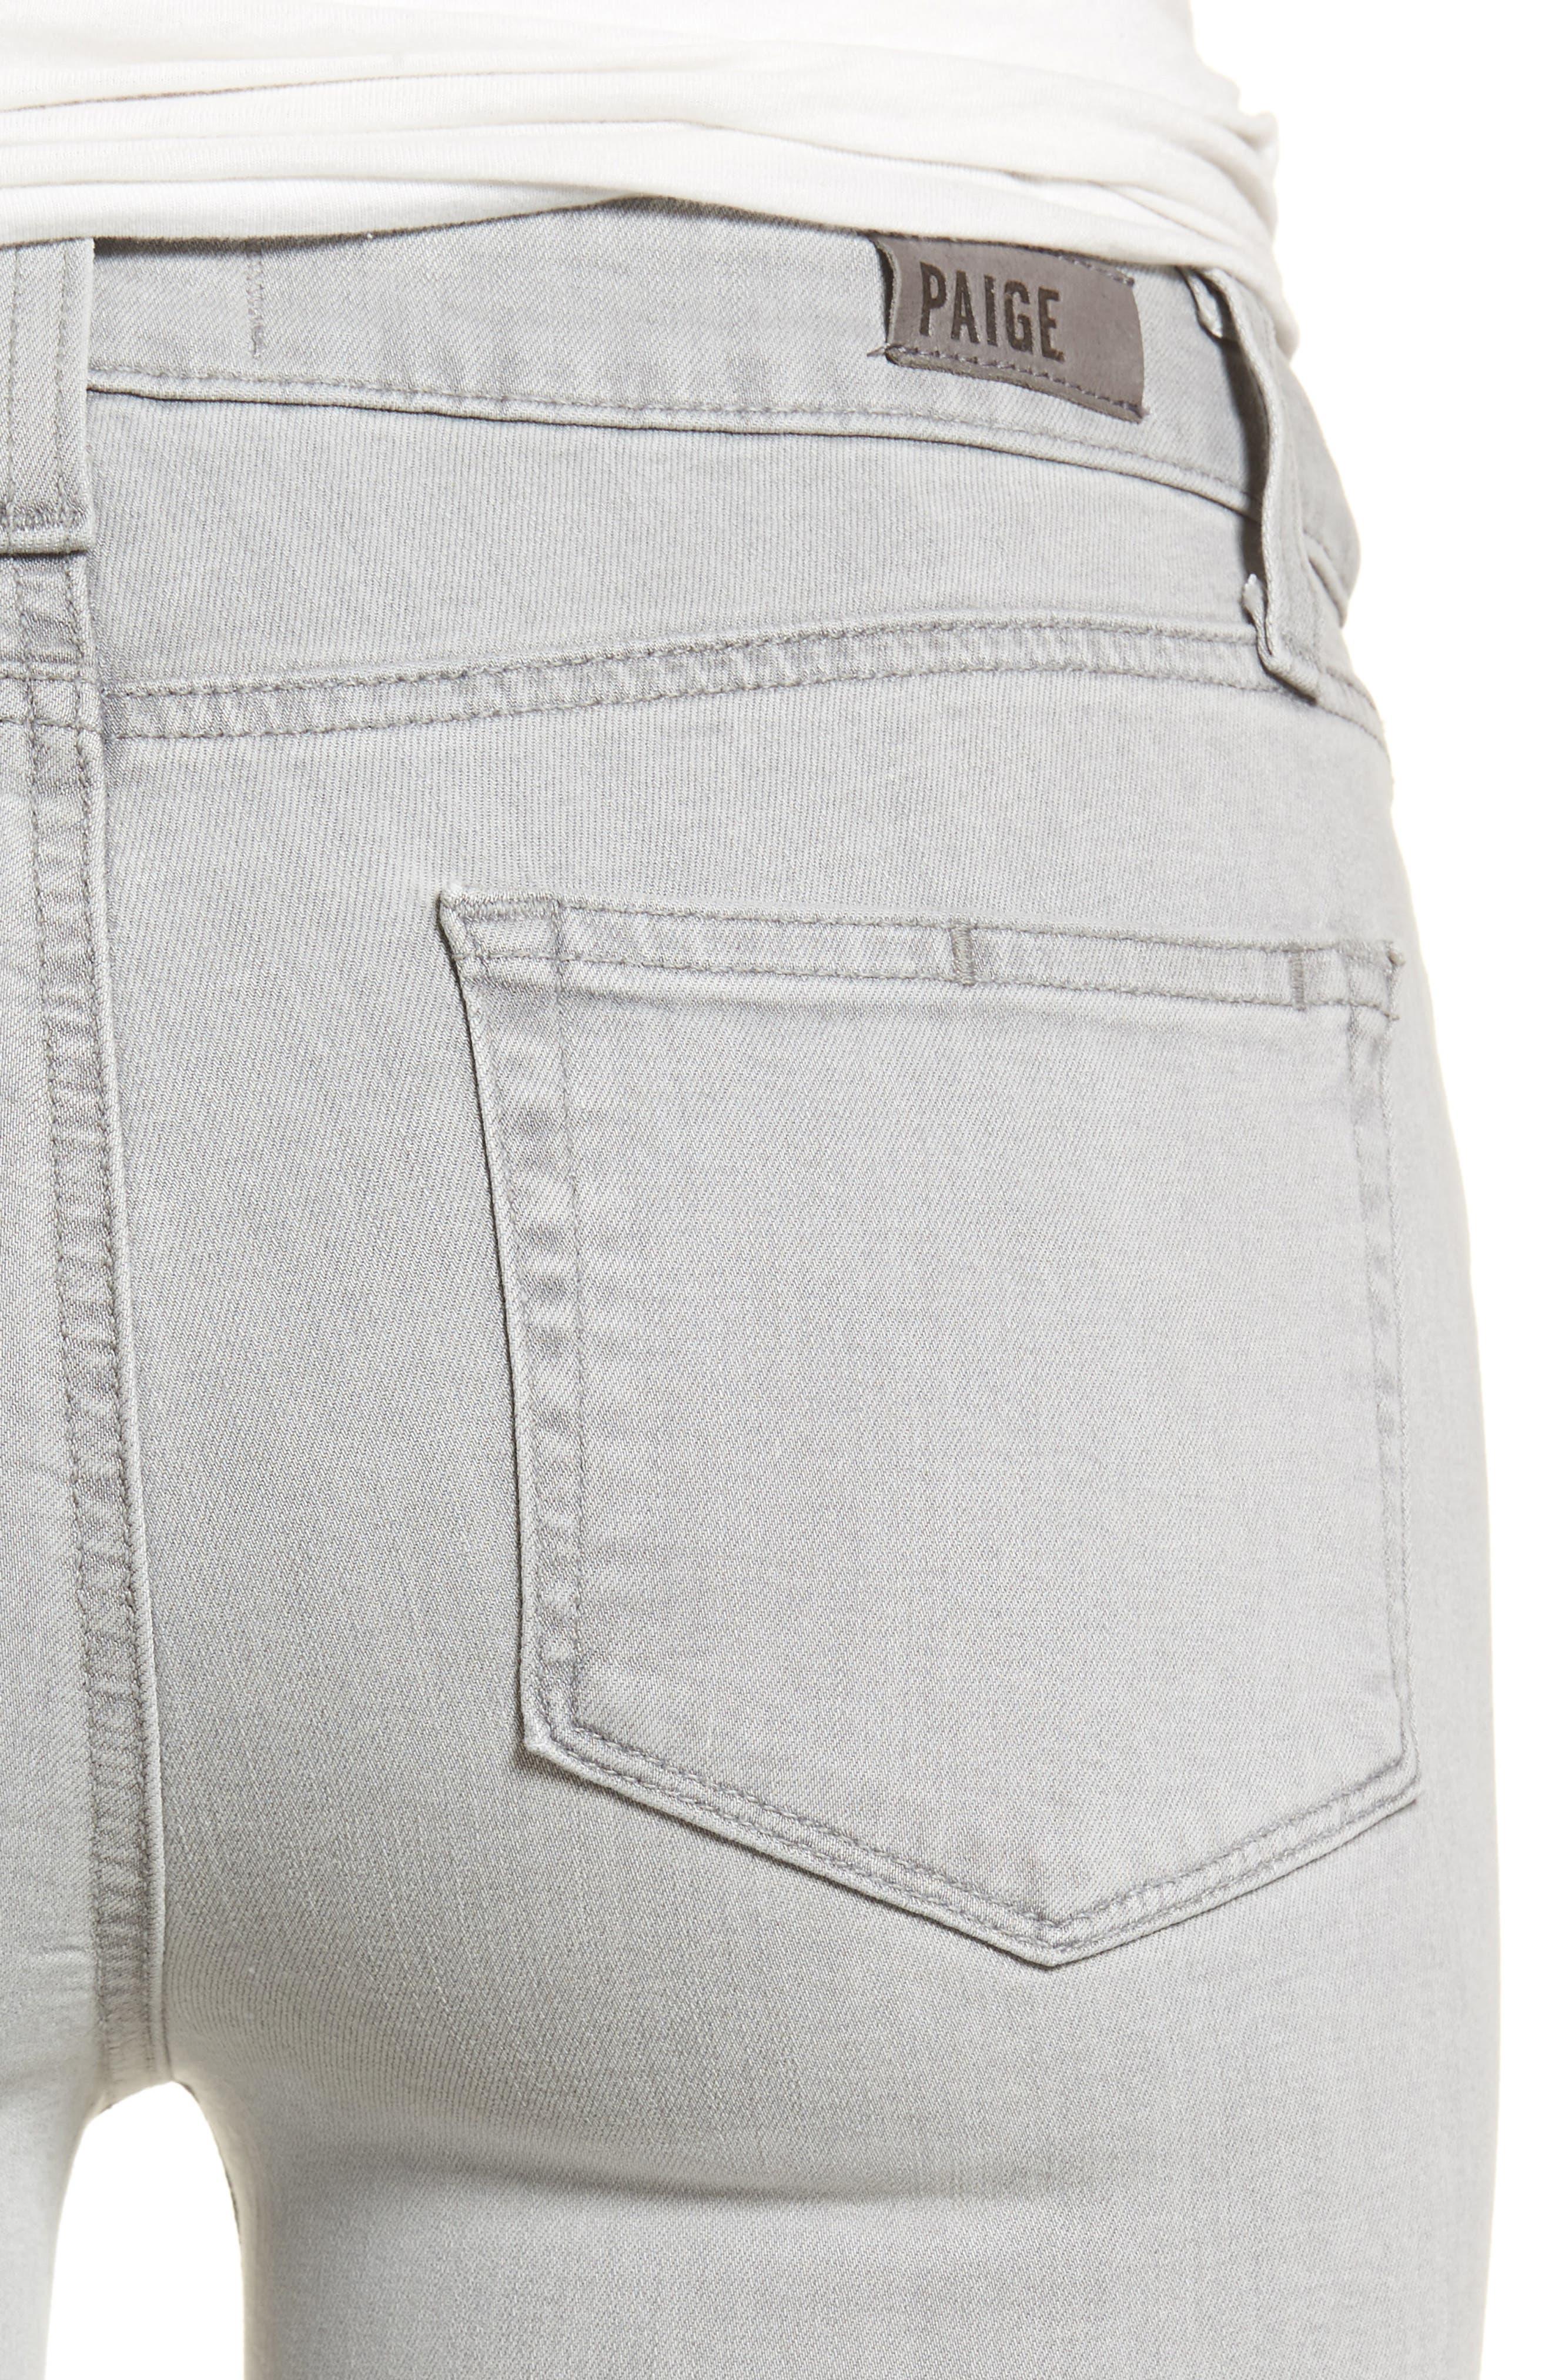 Transcend - Verdugo Ultra Skinny Jeans,                             Alternate thumbnail 4, color,                             Whisper Grey